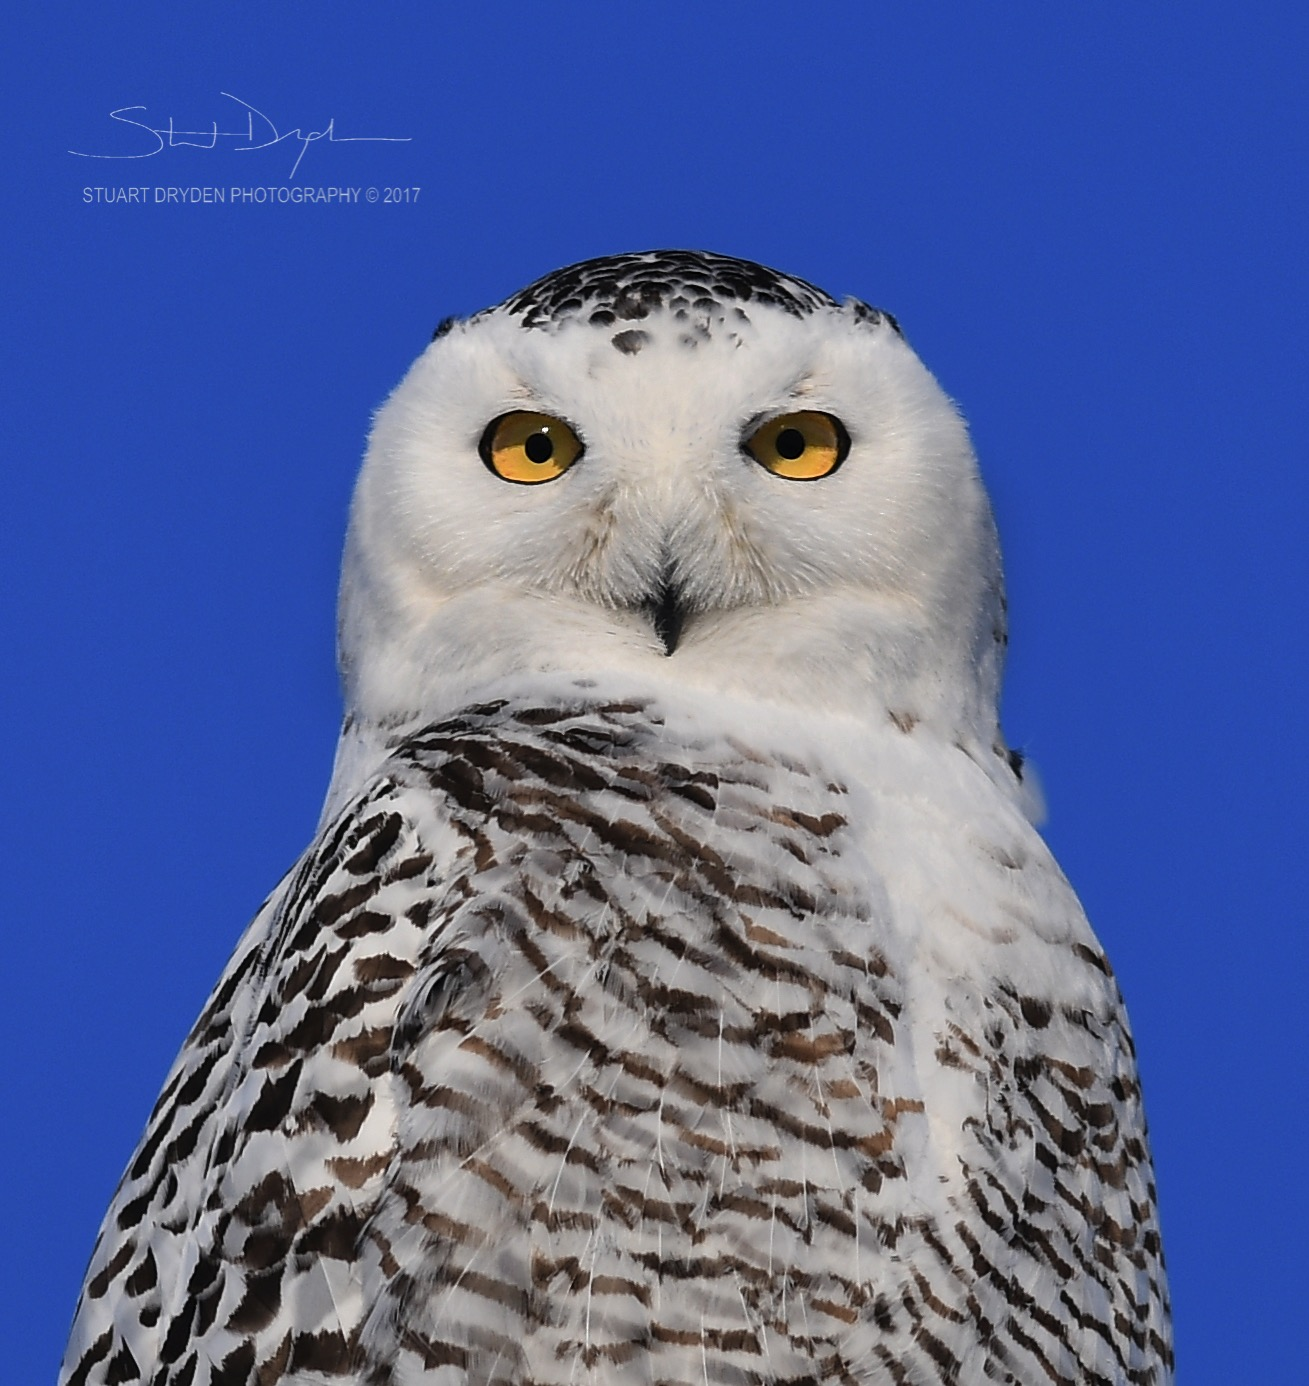 mount-sunset-snowy-owl-jan25-TIGHT170068-1.jpg